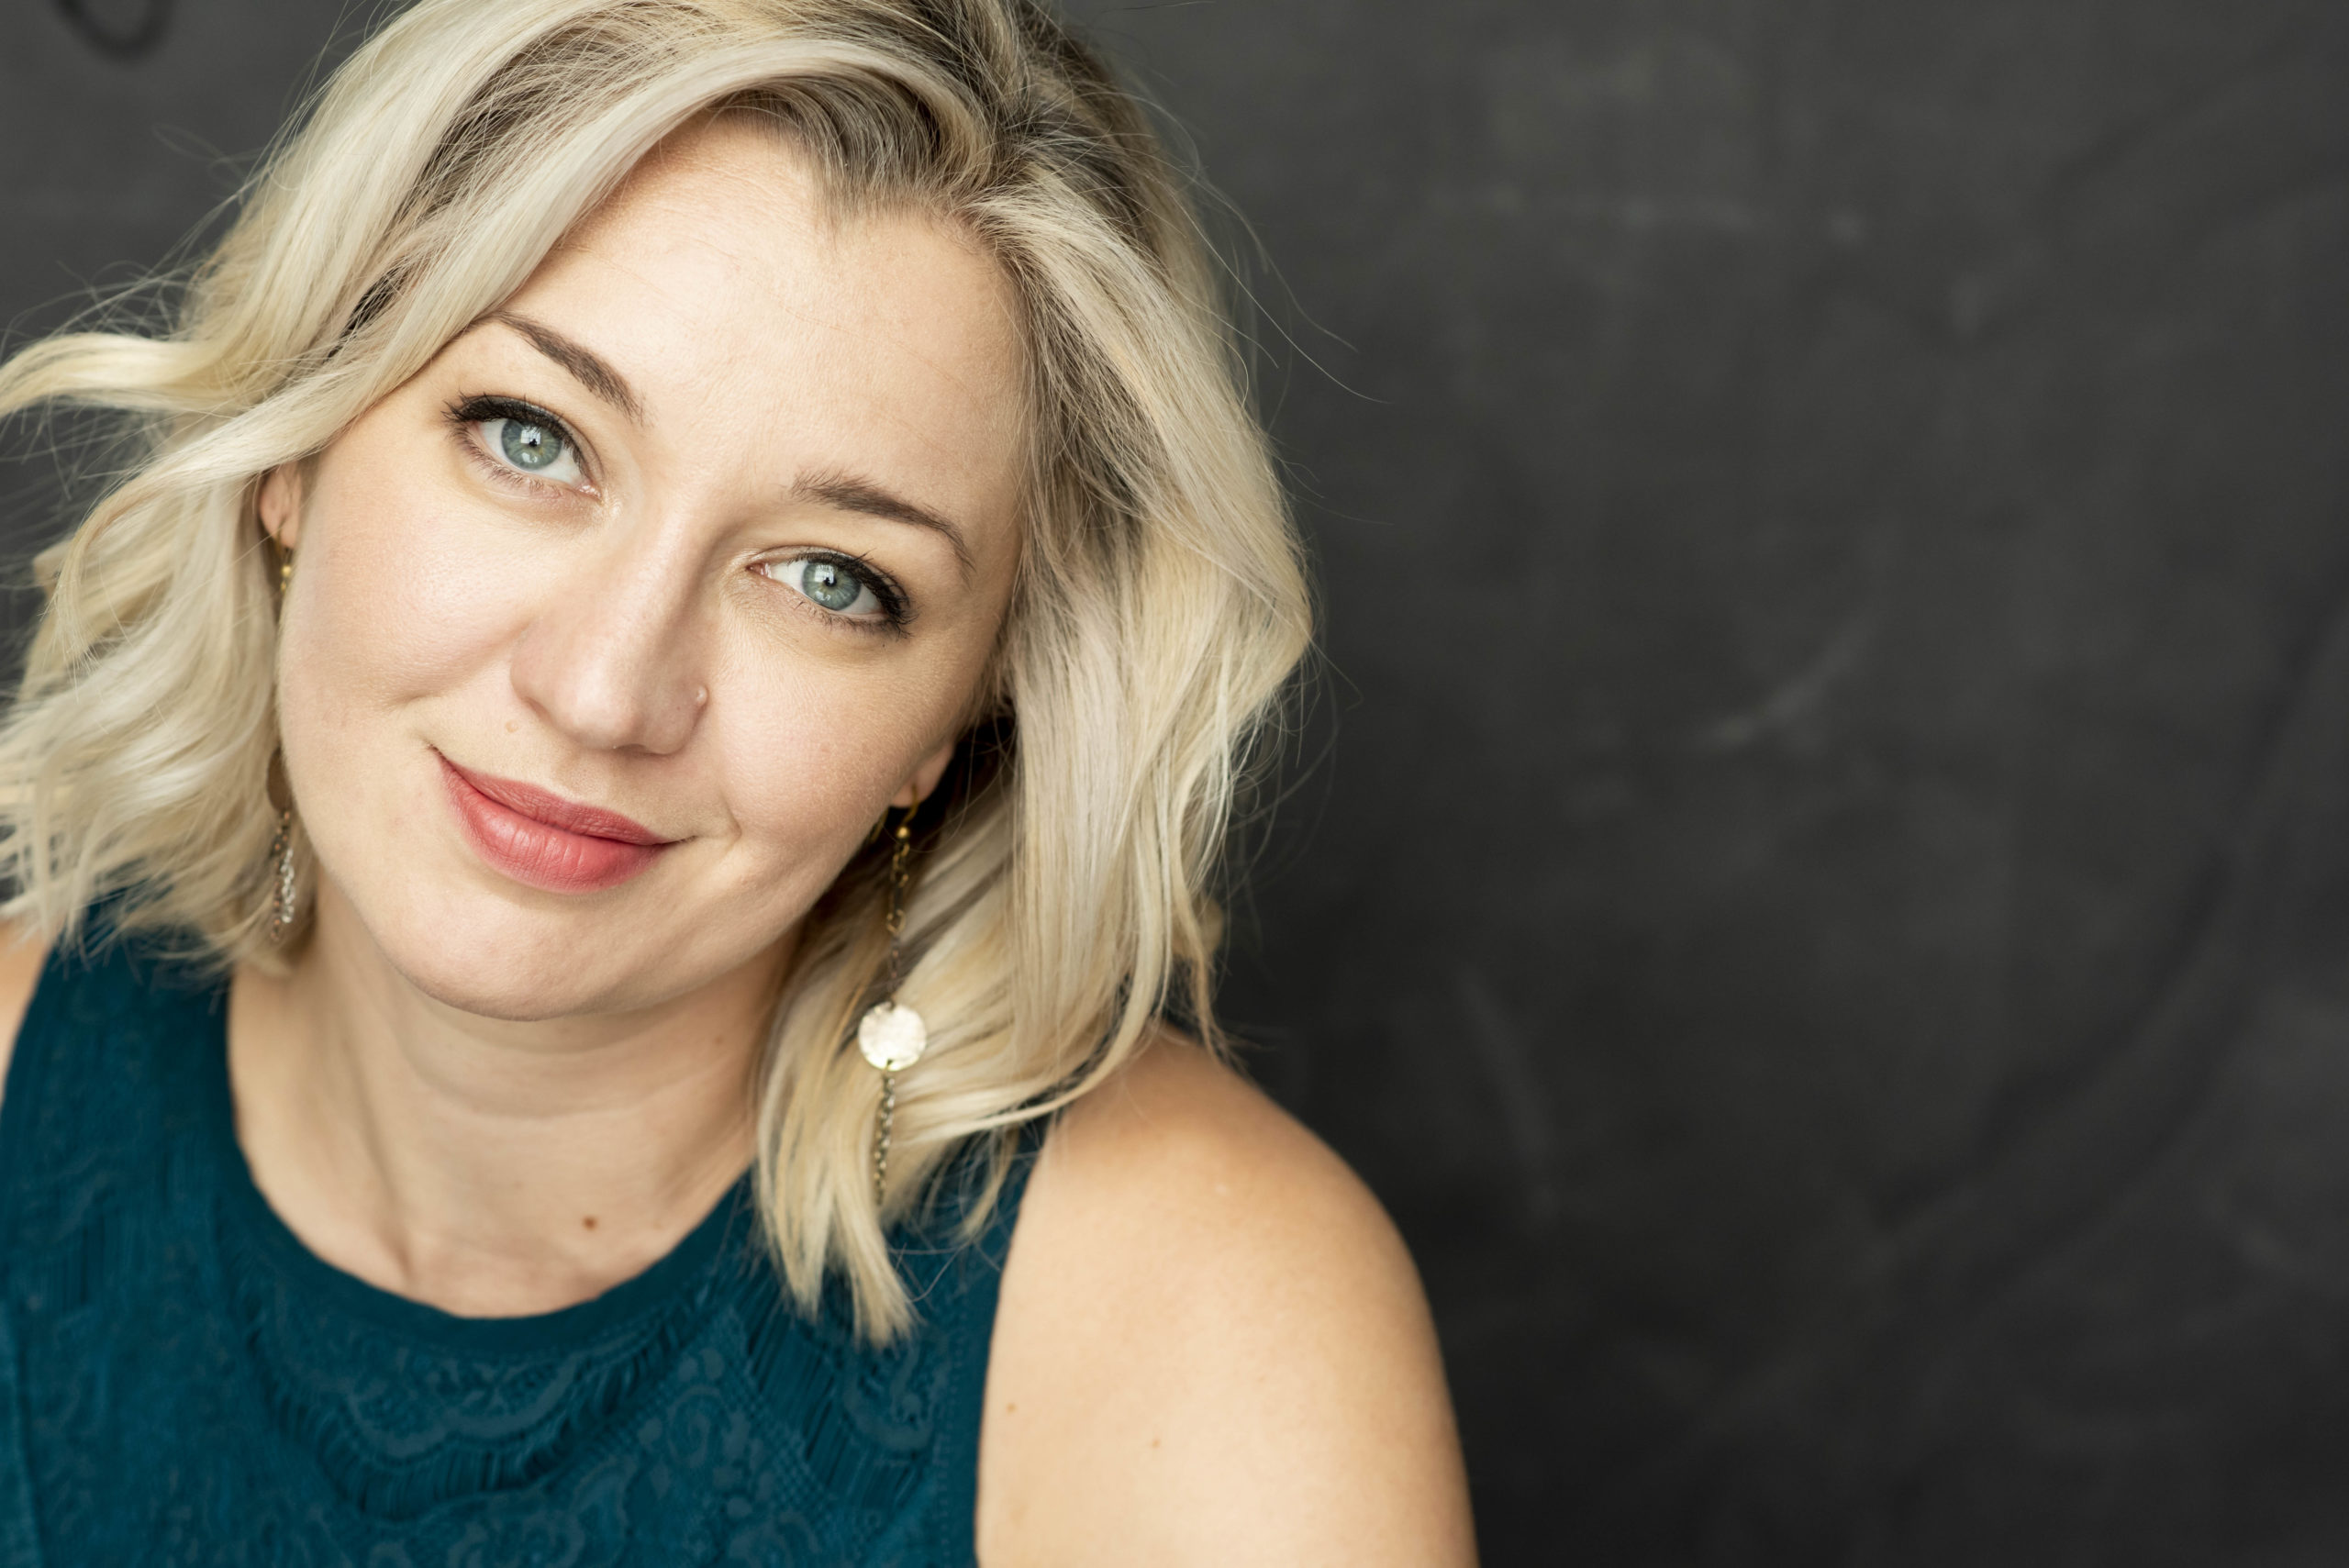 Actress | Content Creator